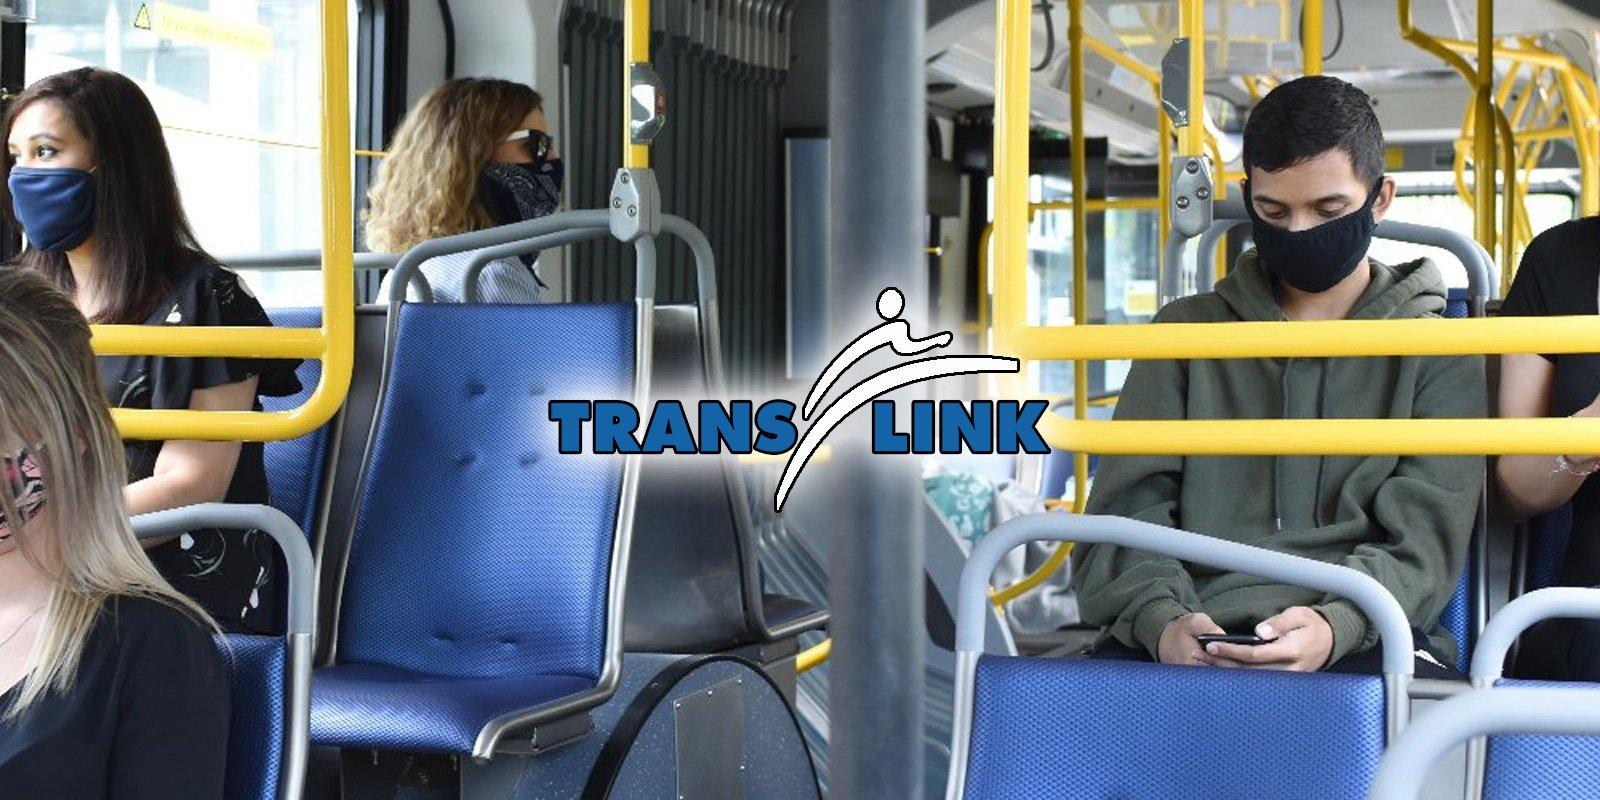 El sistema de tránsito de Metro Vancouver afectado por el ransomware Egregor